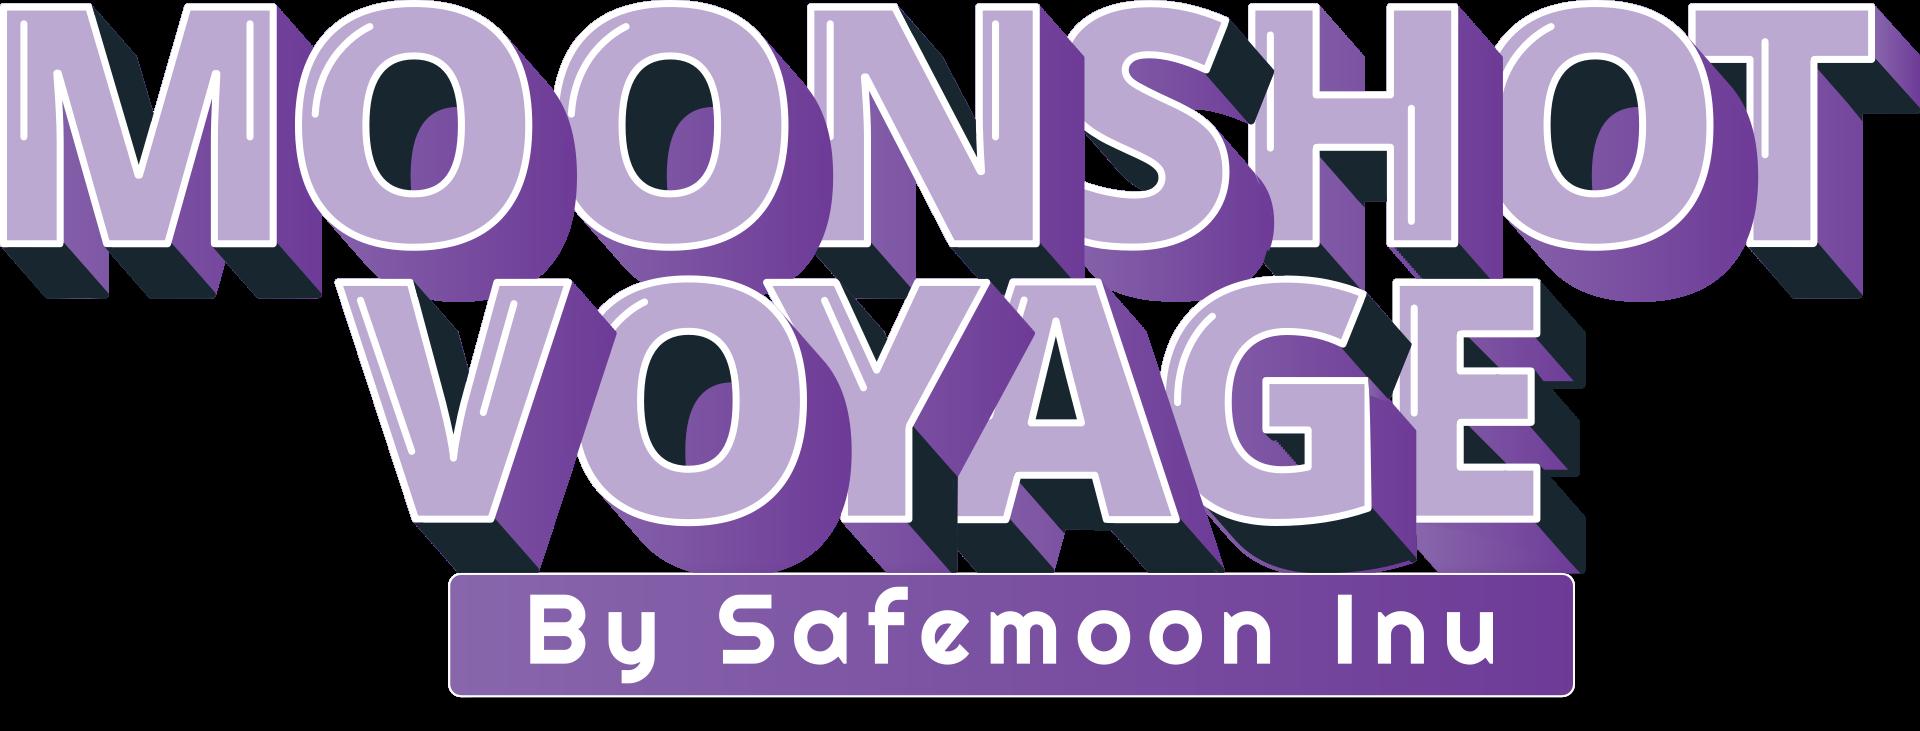 Moonshot Voyage